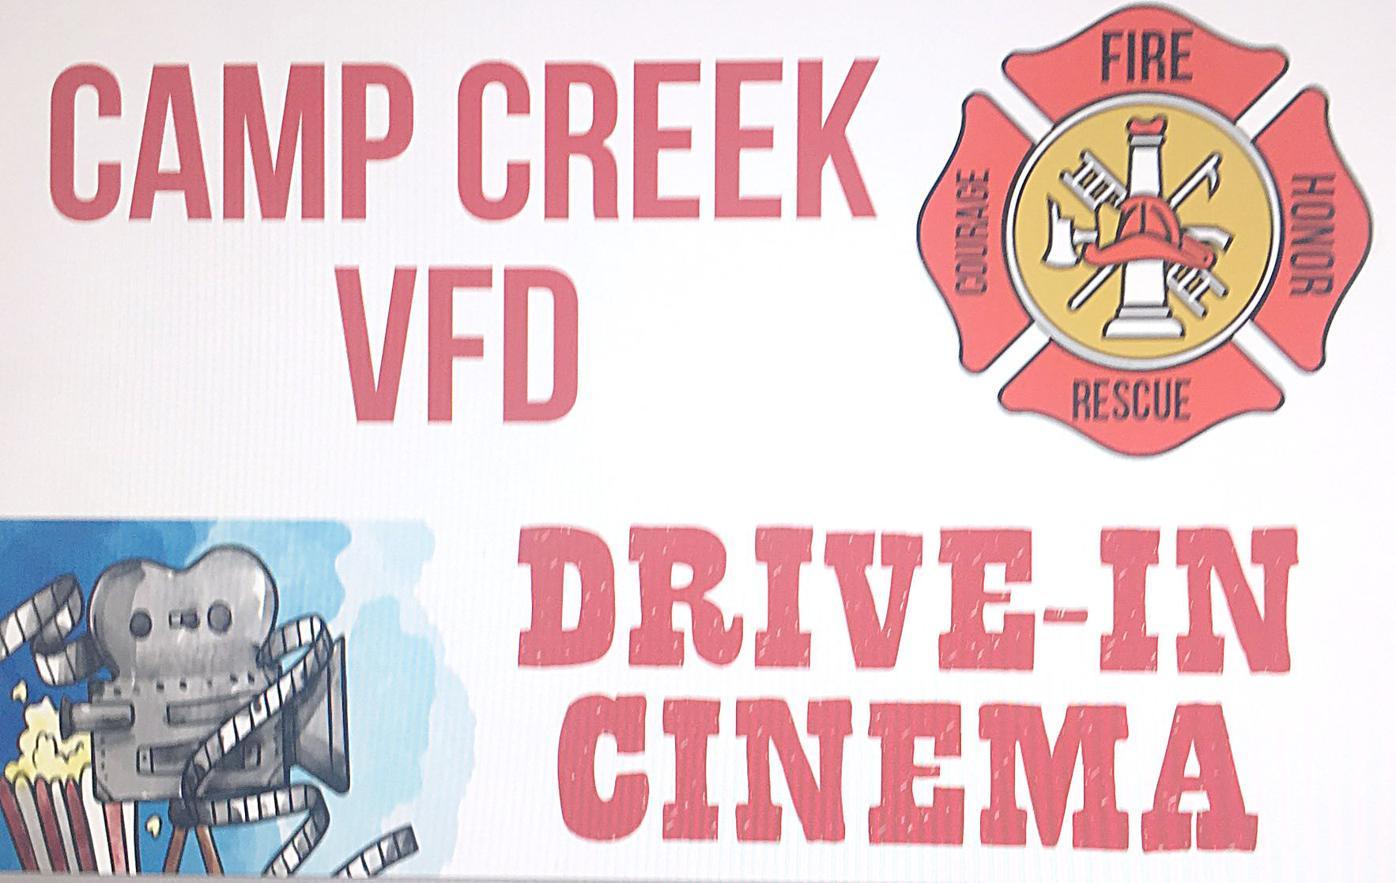 Camp Creek VFD Drive-In Cinema